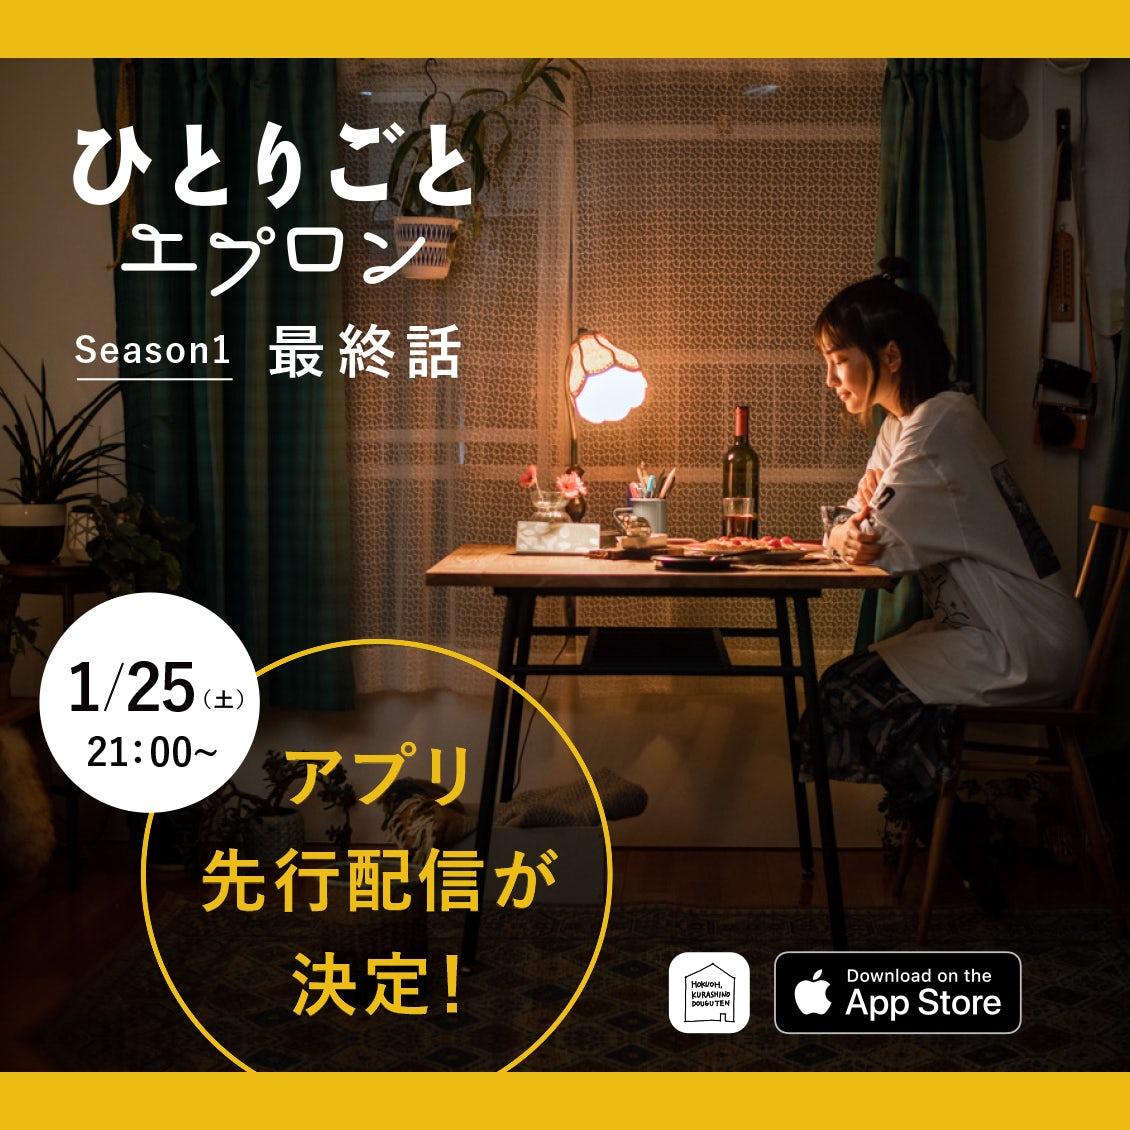 【1/25(土)21時〜】いよいよ先行公開スタート!『ひとりごとエプロン』最終話はアプリでお楽しみください。